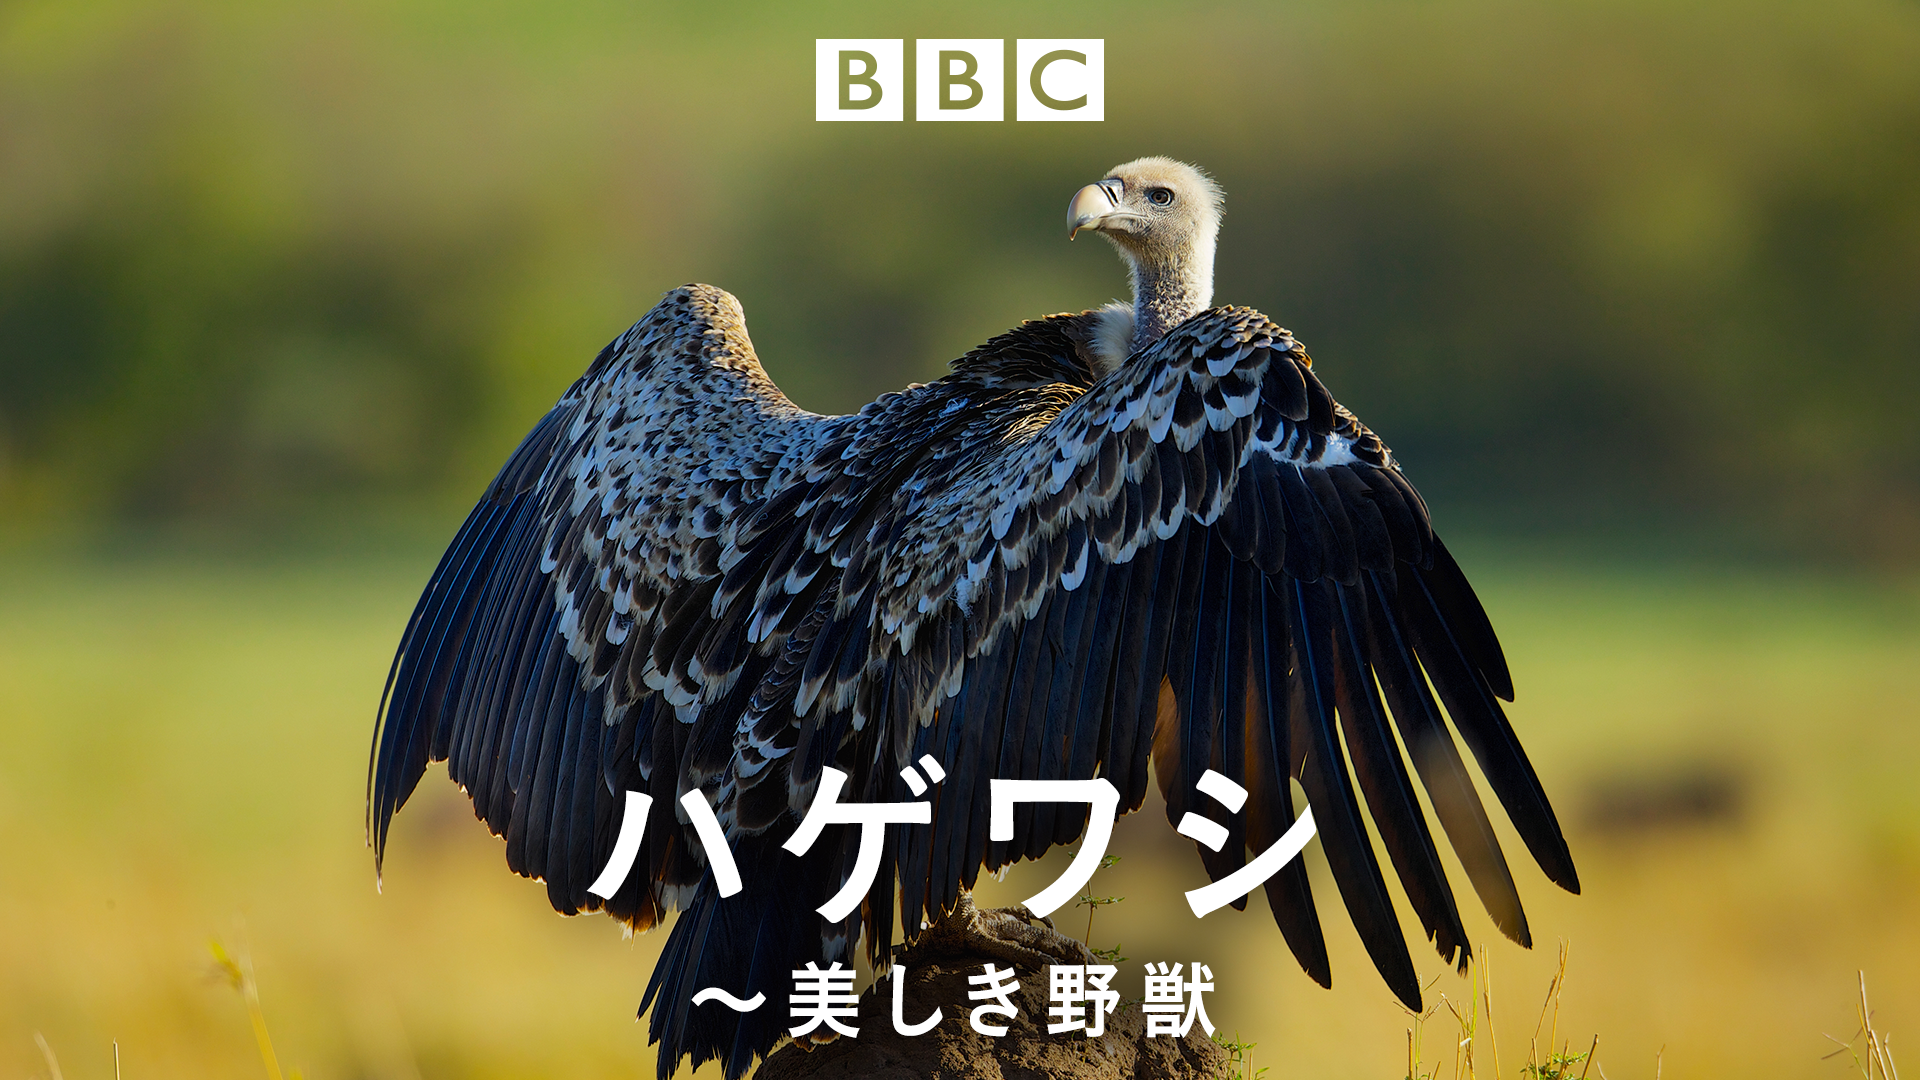 動物の謝肉祭 ハゲワシ~美しき野獣~ (ナチュラルワールド)の動画 - 氷の国の動物たち